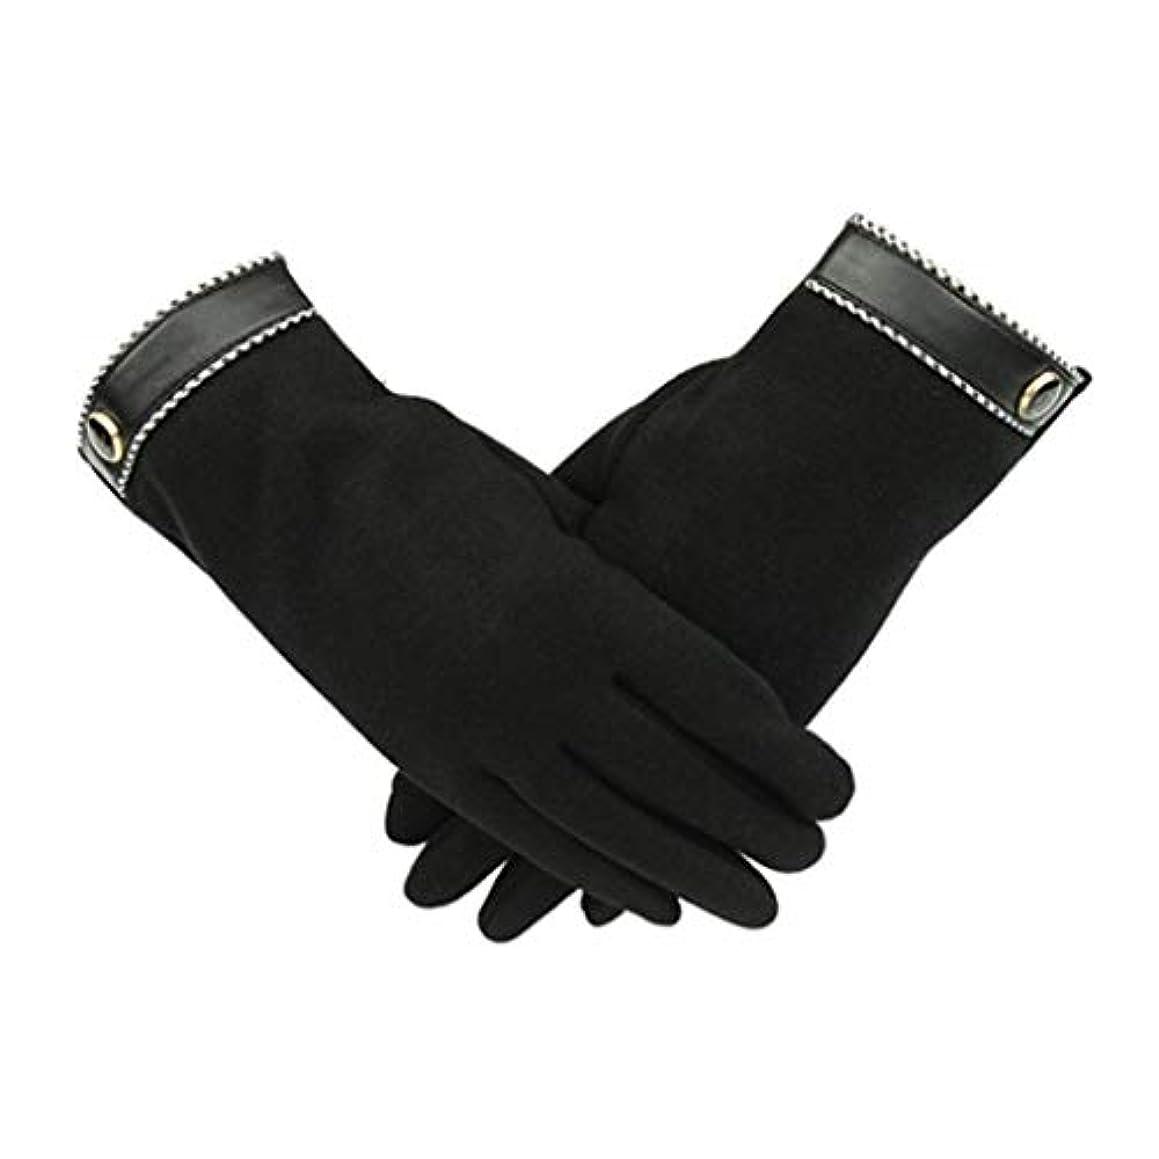 非常に怒っていますすき統合する手袋の男性プラスベルベット暖かい春と秋冬の屋外旅行は、ベルベットのタッチスクリーンの手袋ではない (色 : 黒)